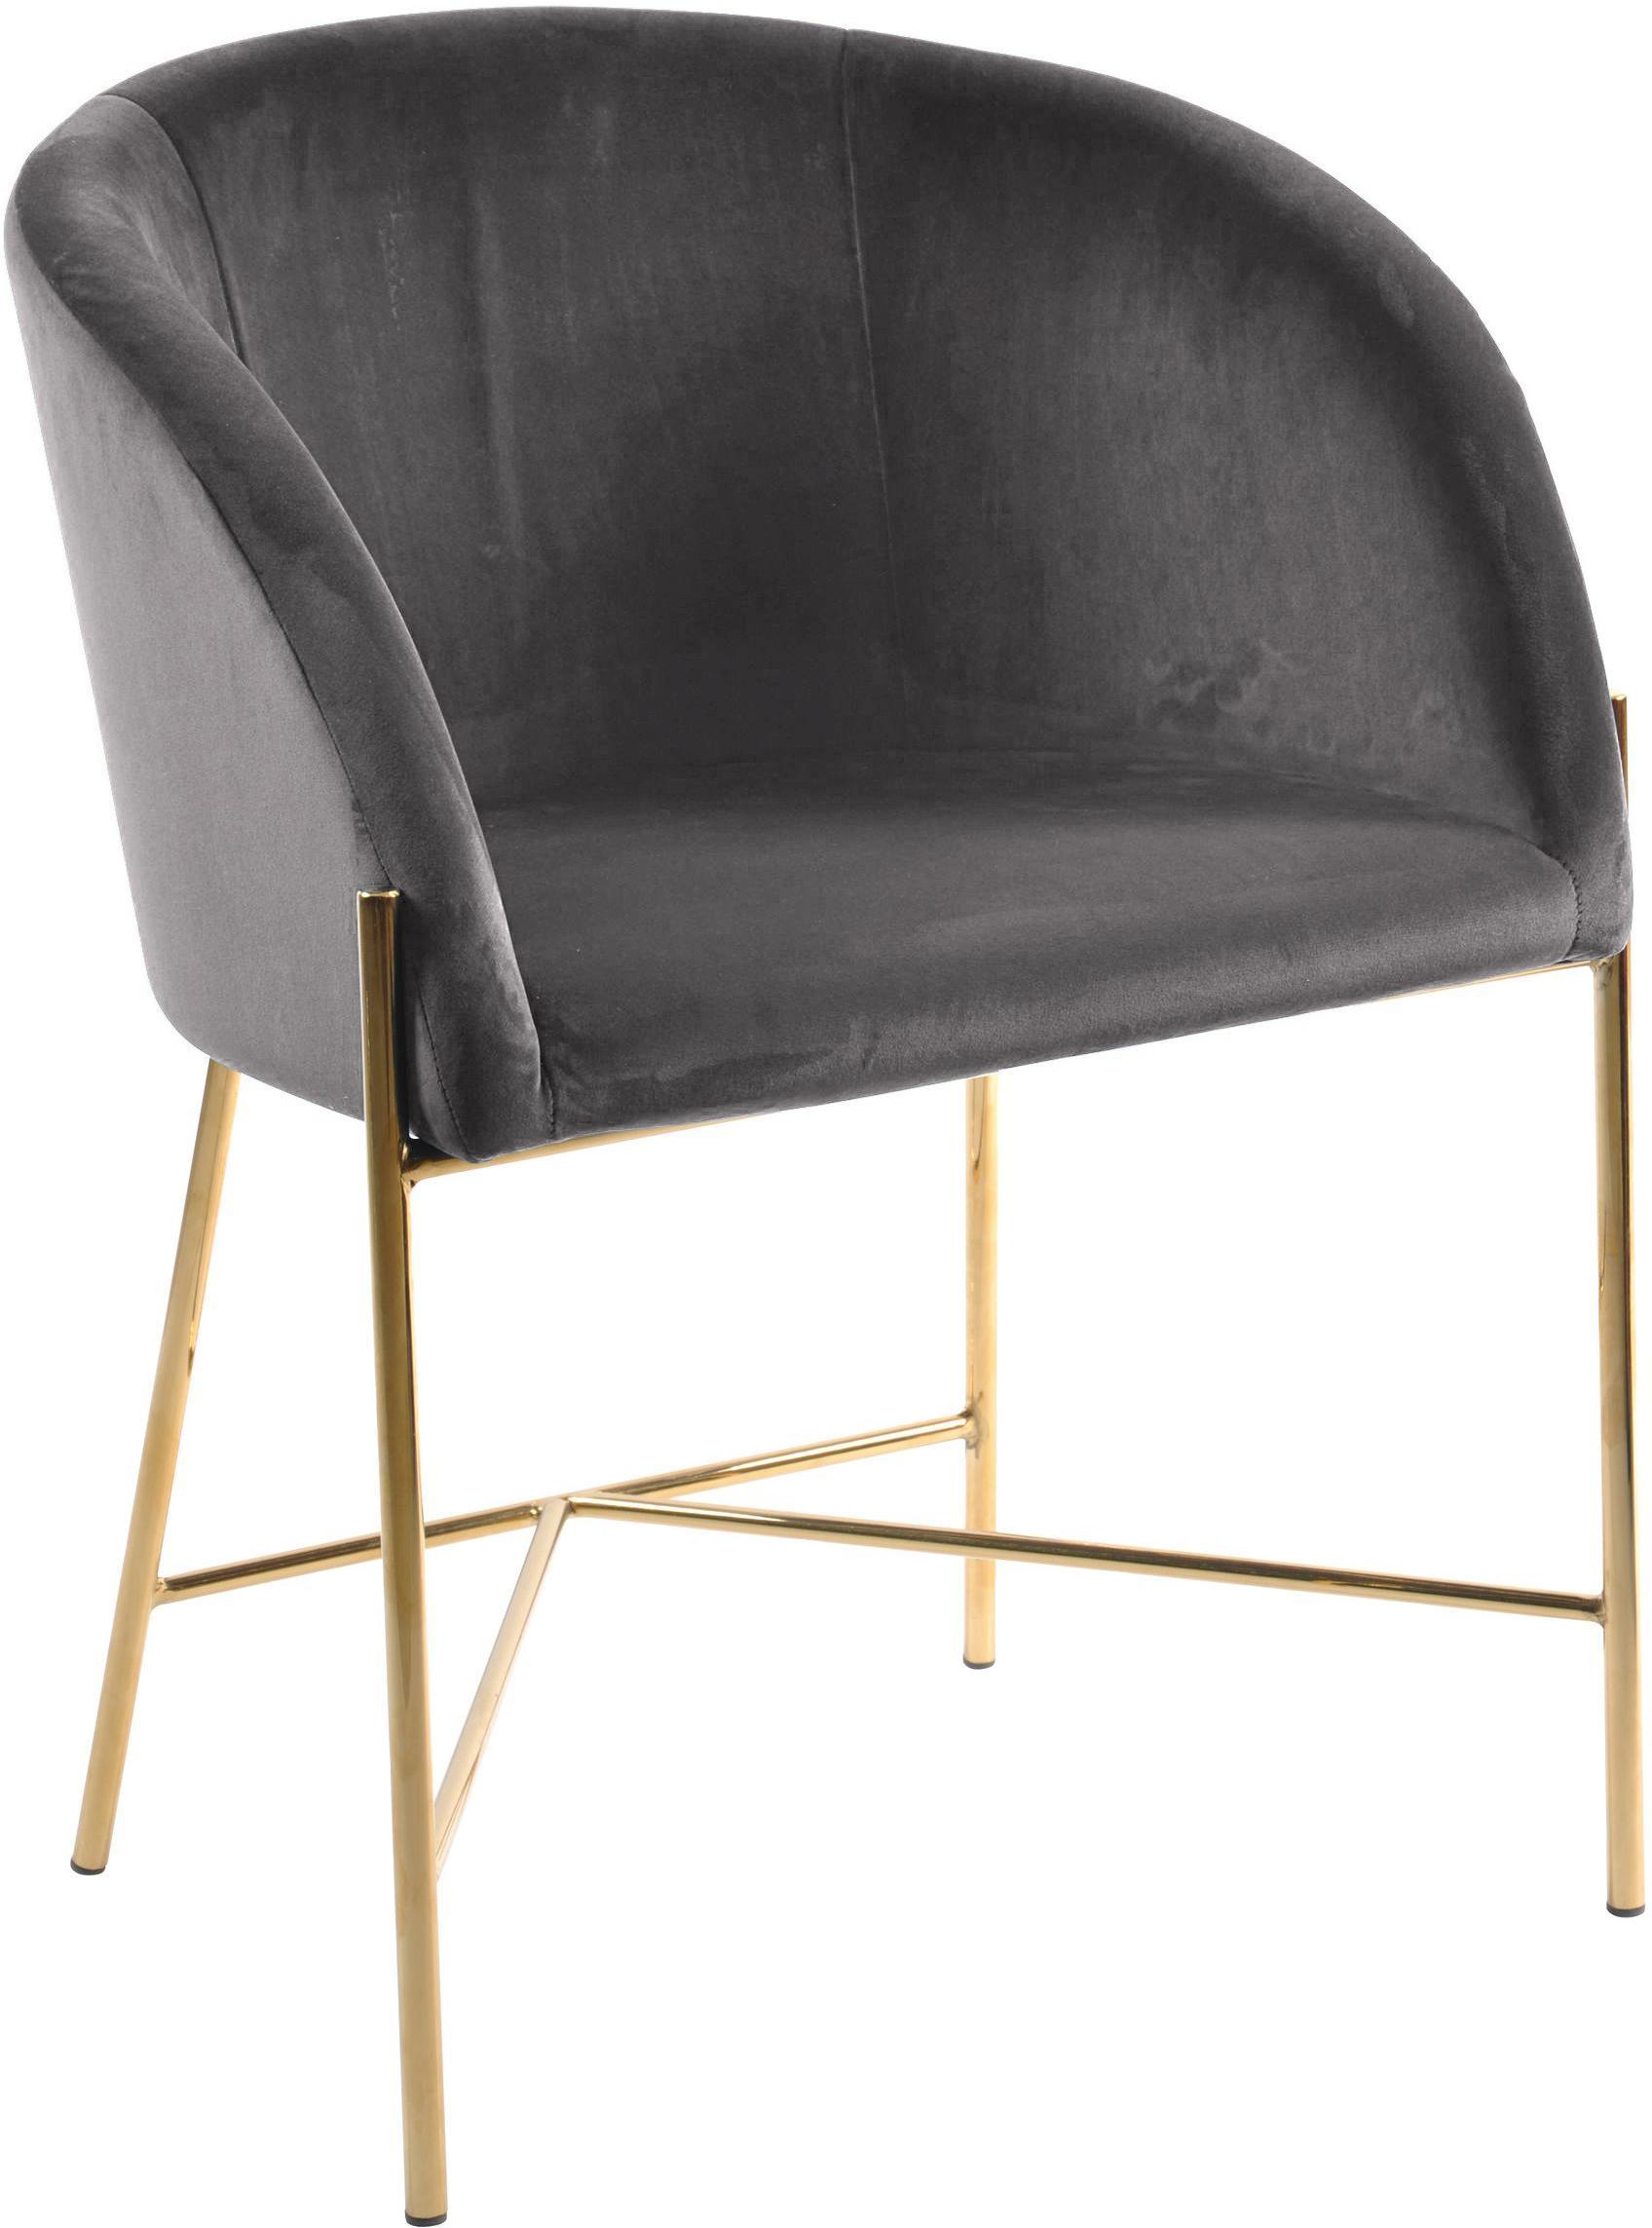 Samt-Polsterstuhl Nelson in modernem Design, Bezug: Polyestersamt 25.000 Sche, Beine: Metall, vermessingt, Samt Dunkelgrau, Beine Gold, B 56 x T 55 cm